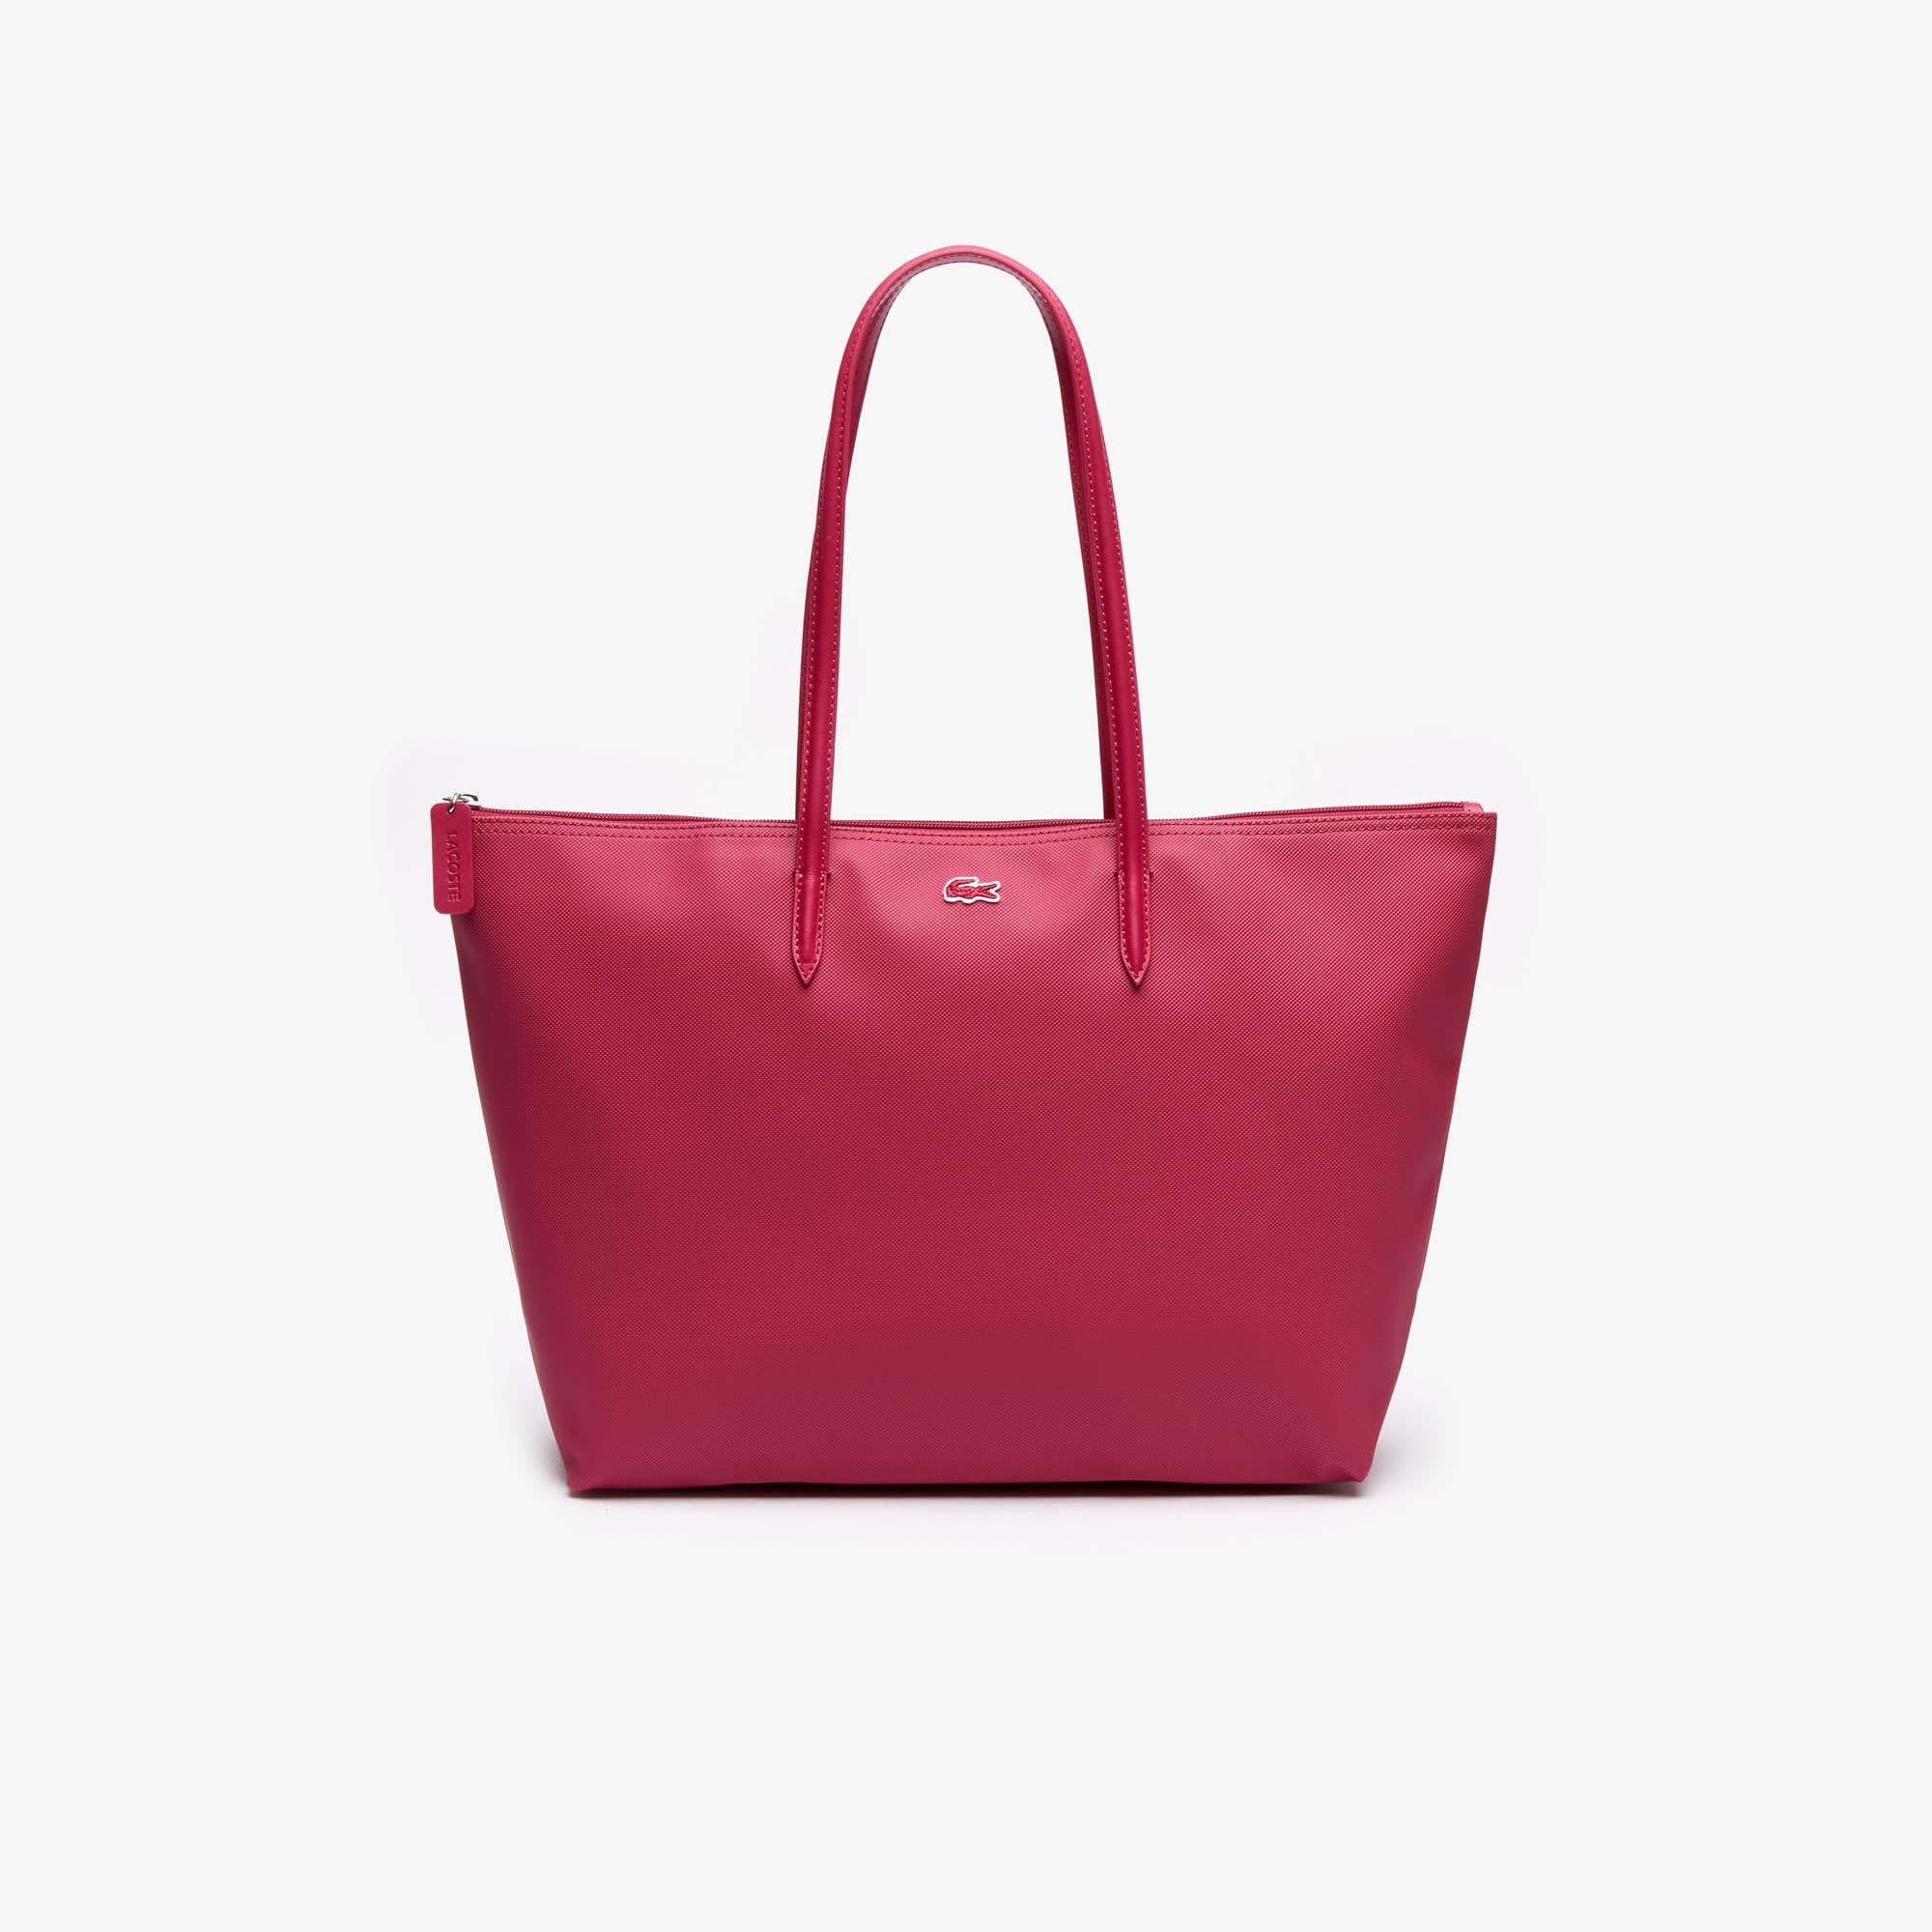 Tienda moda Bolsas Shopper Y Tote de mujer color multicolor